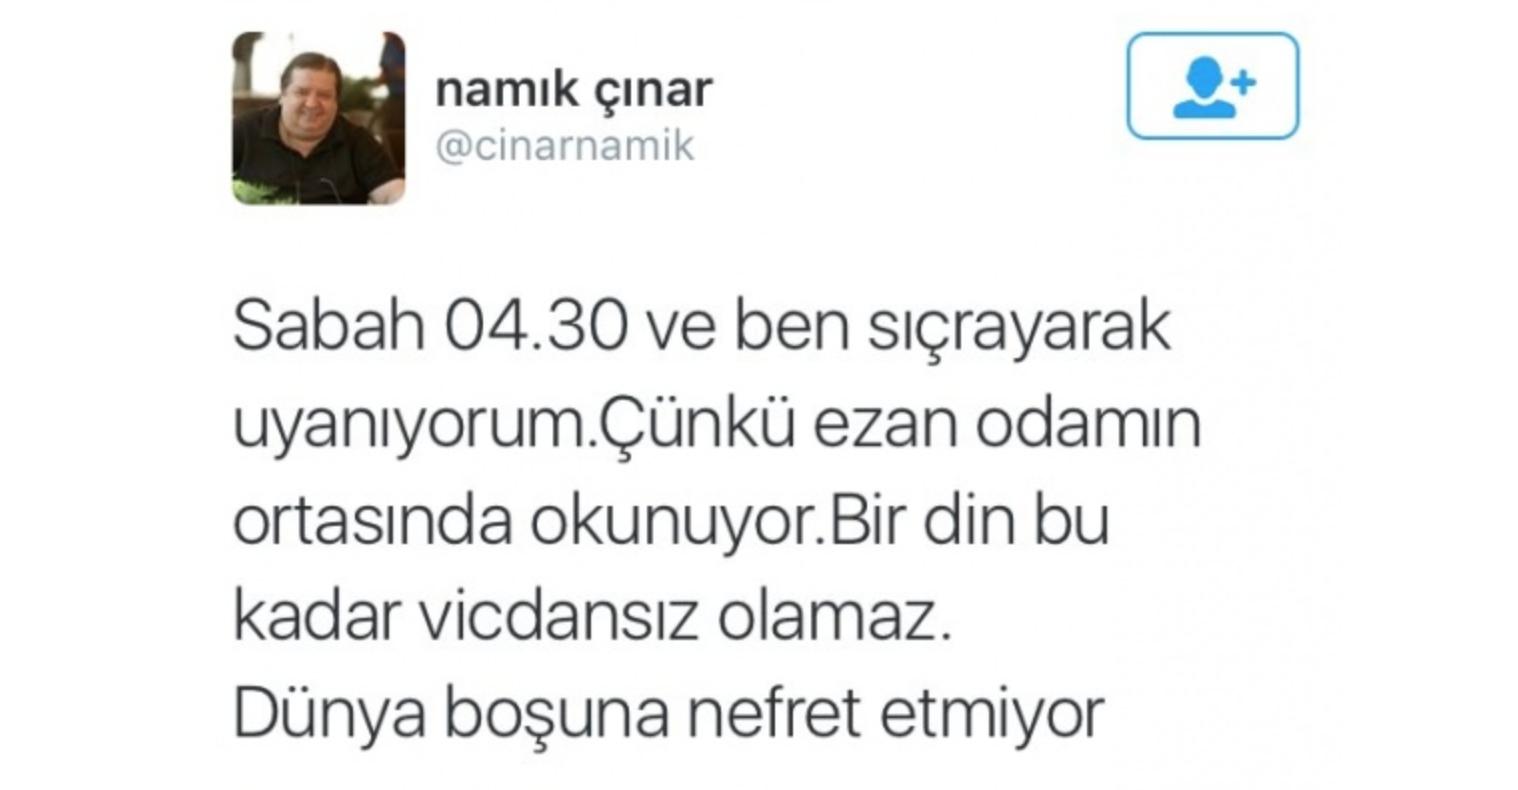 namik2